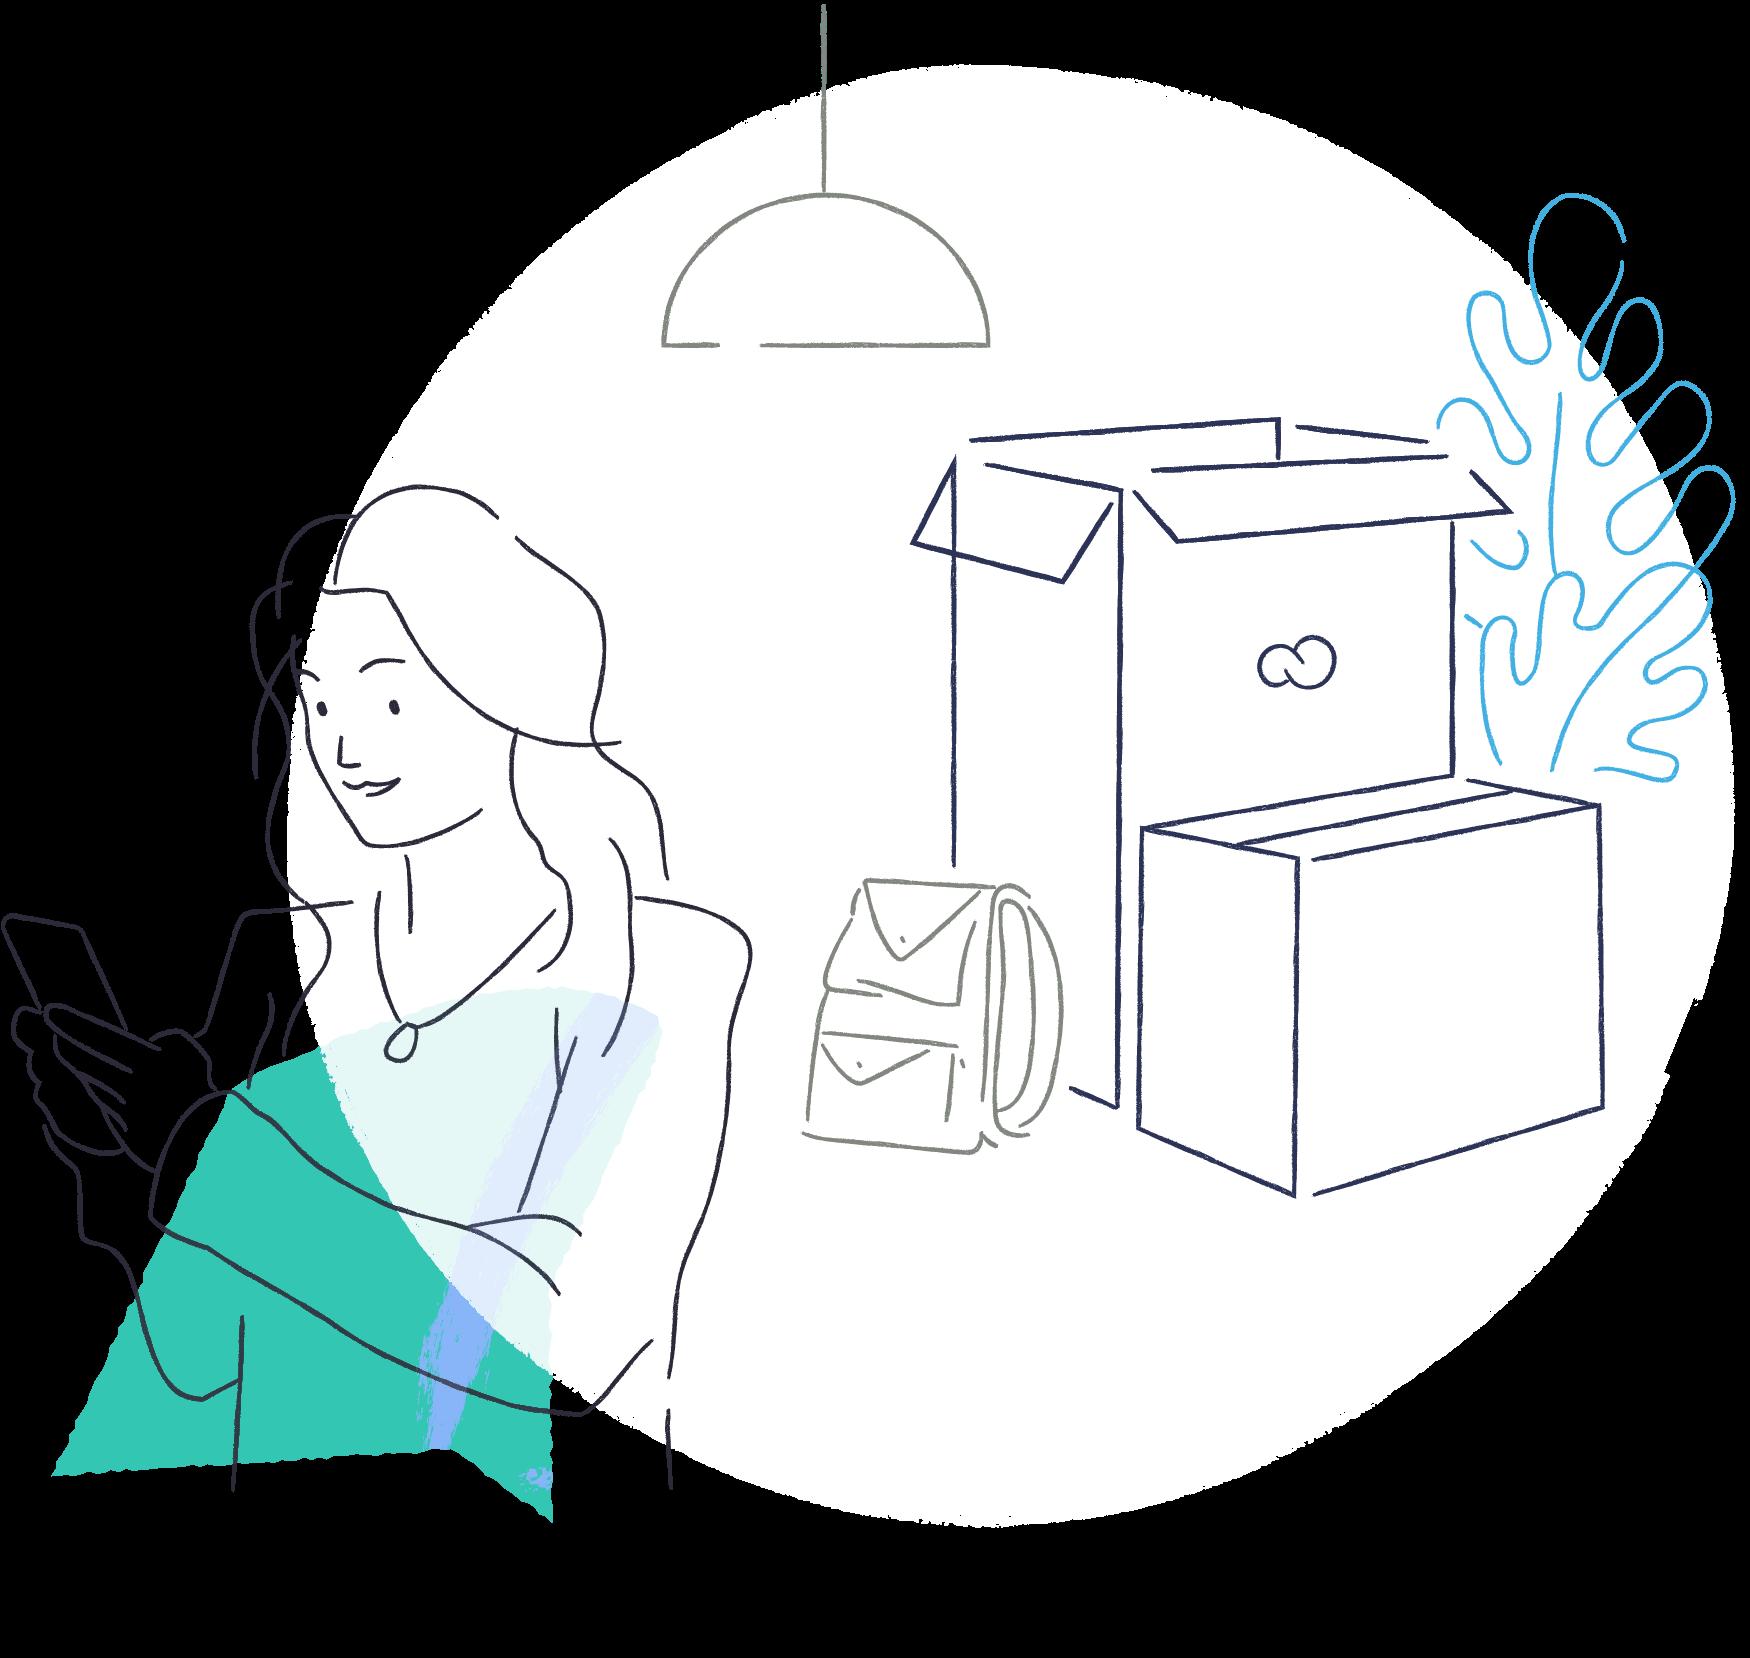 Ilustração de mulher mexendo no celular com caixas ao fundo, representando como vender pela internet